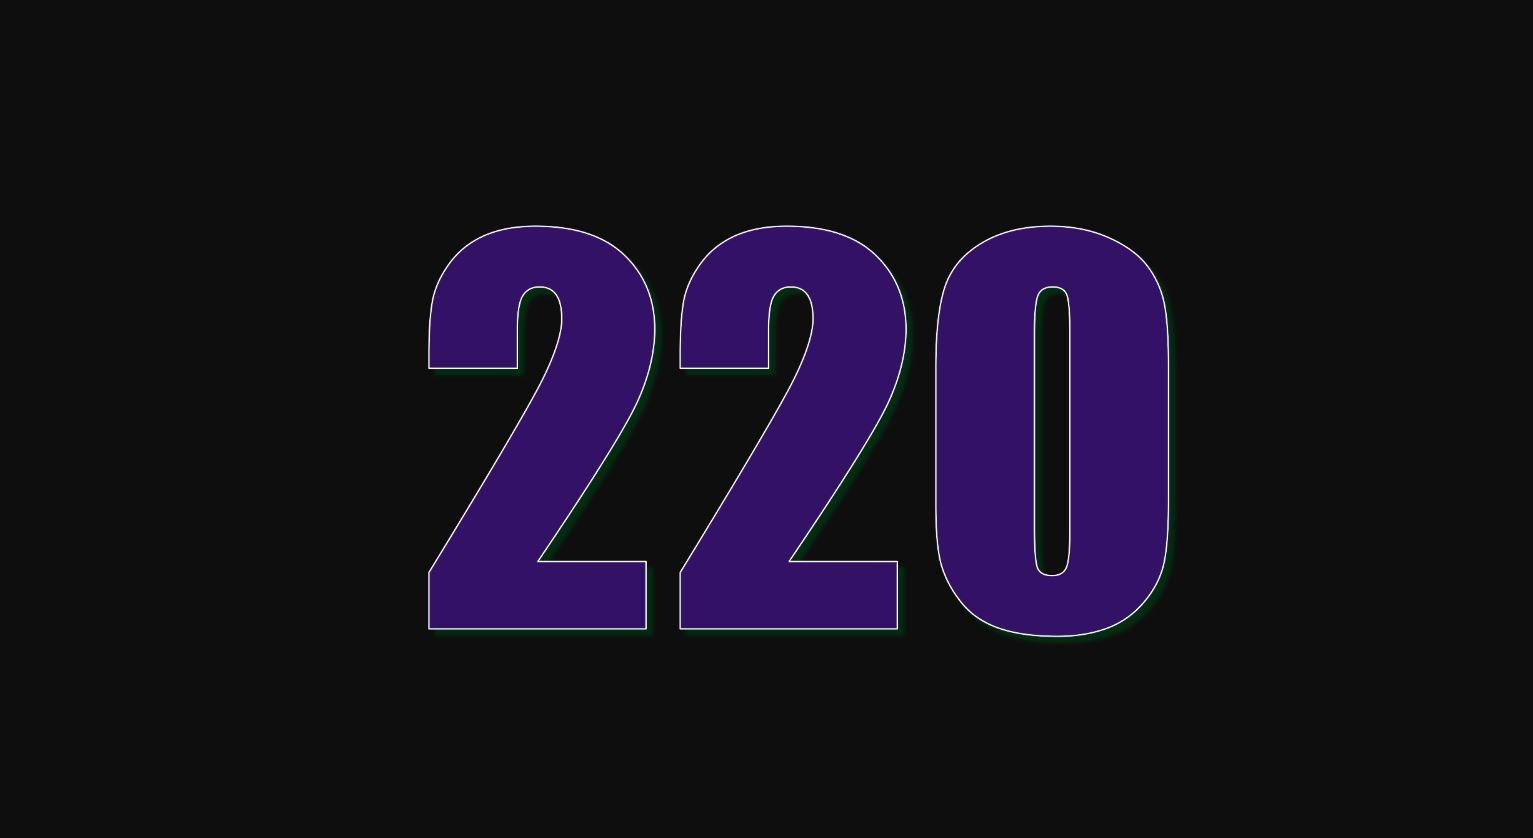 Significado do número 220